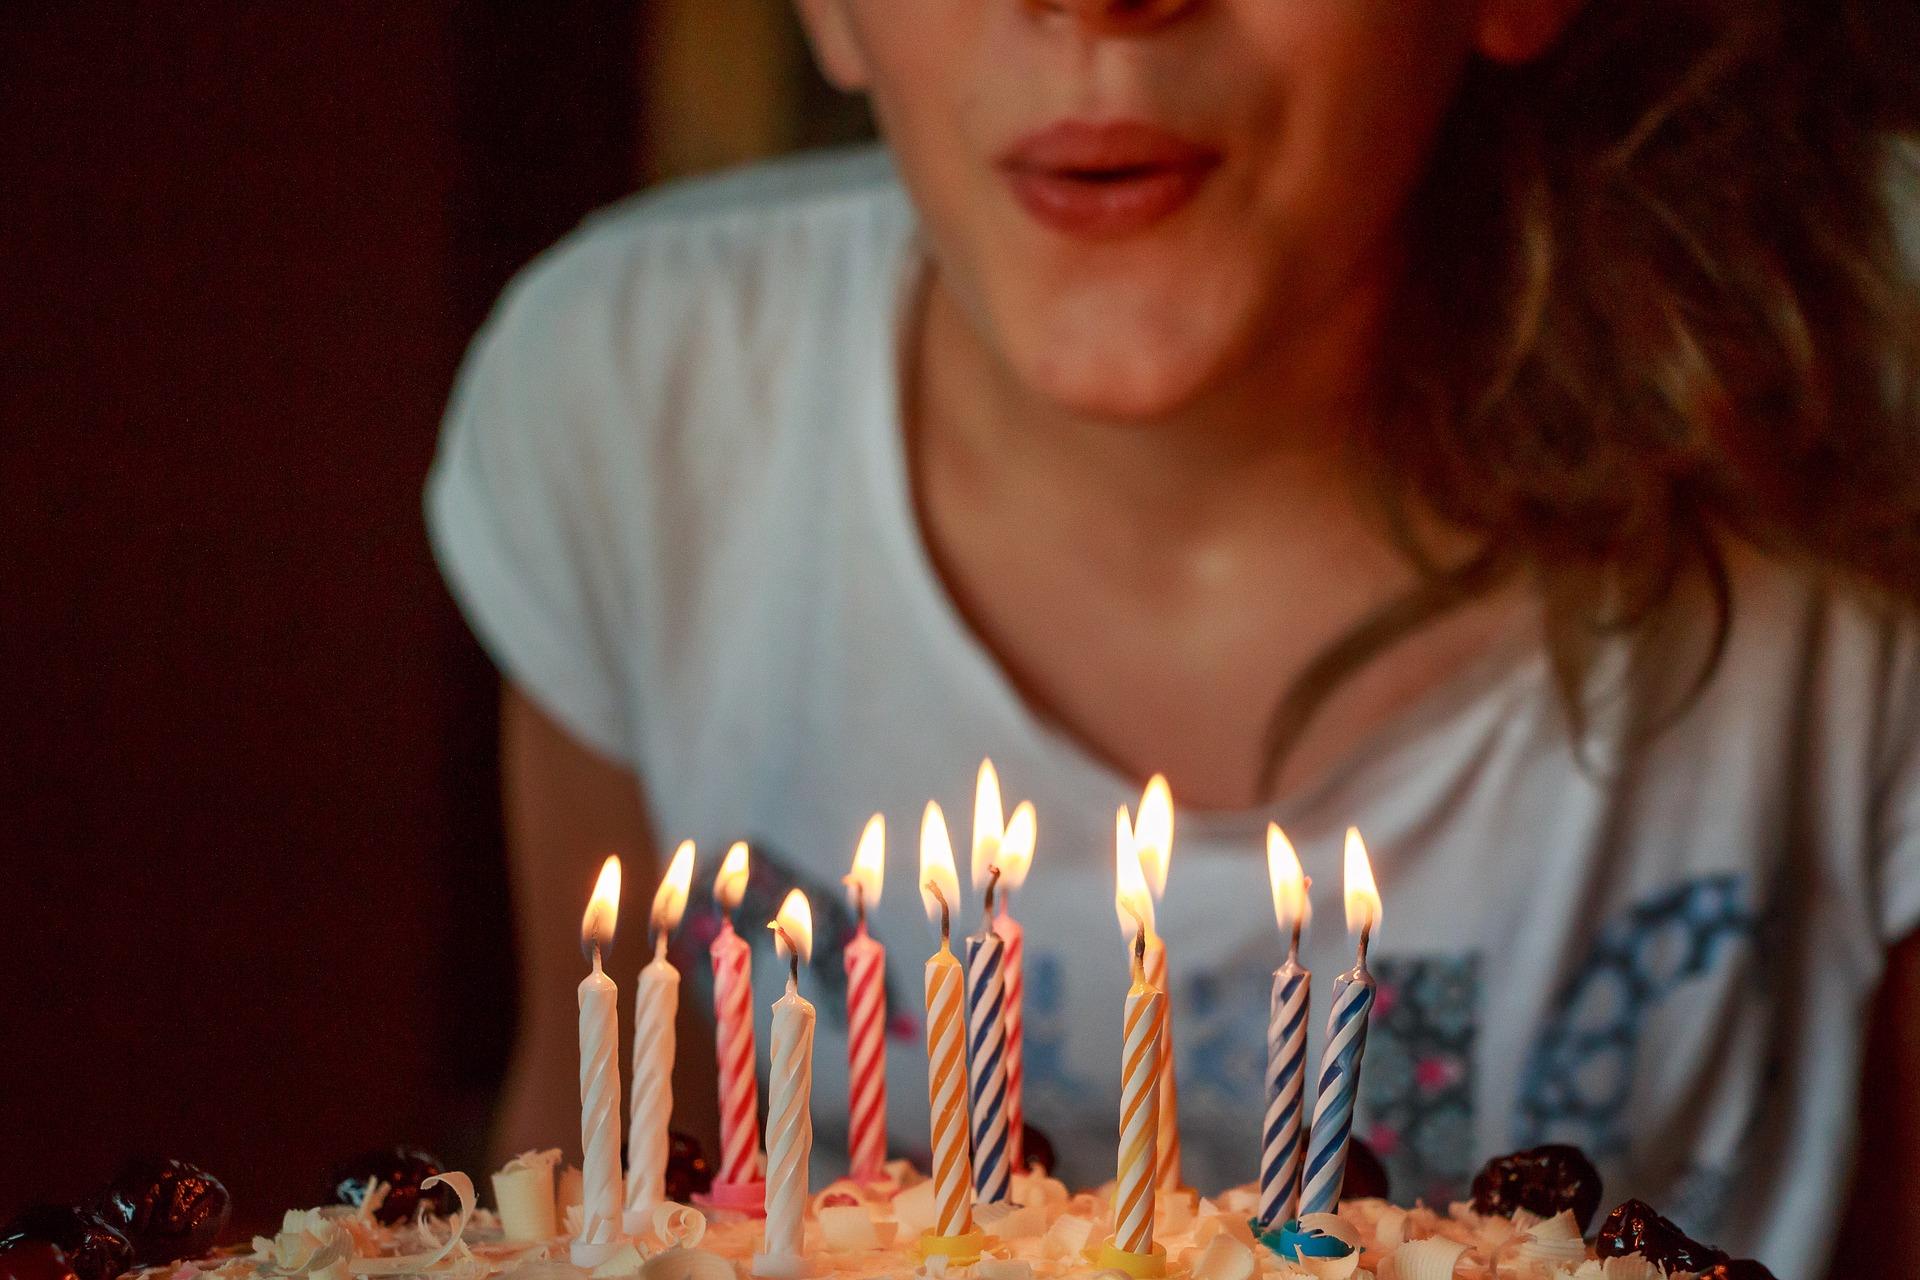 9月 10月 誕生石 ネックレス アクセサリー ジュエリー プレゼント